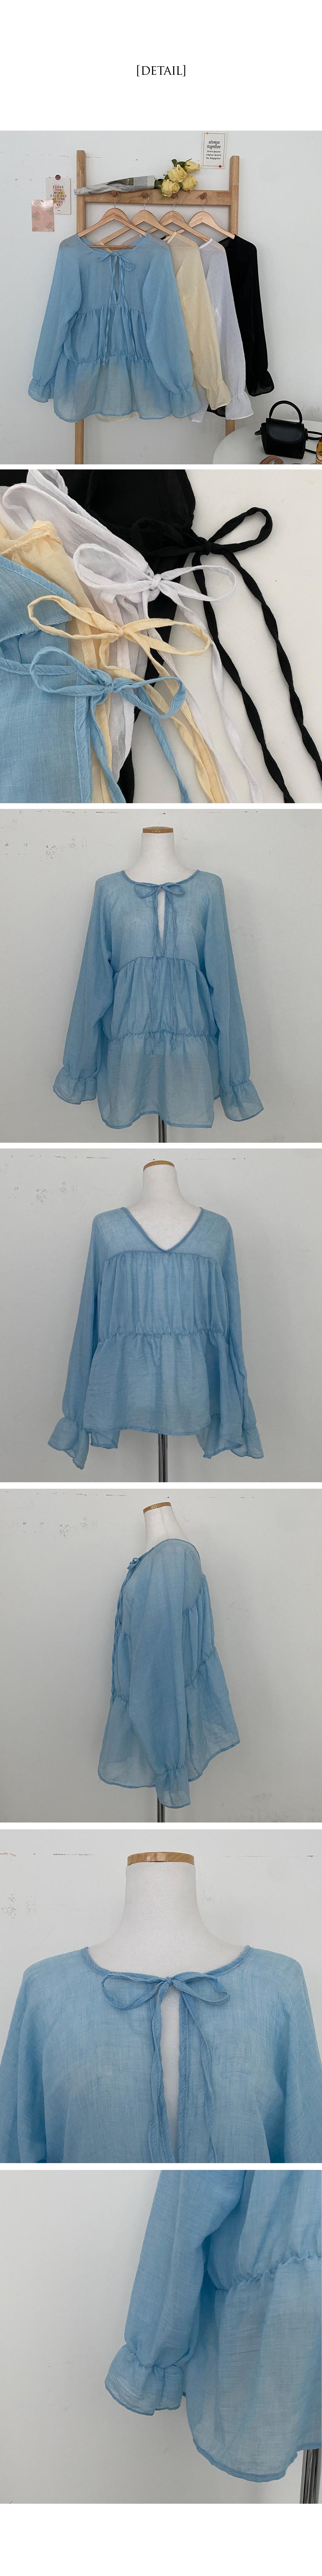 Mela julie fit cancan gauze blouse